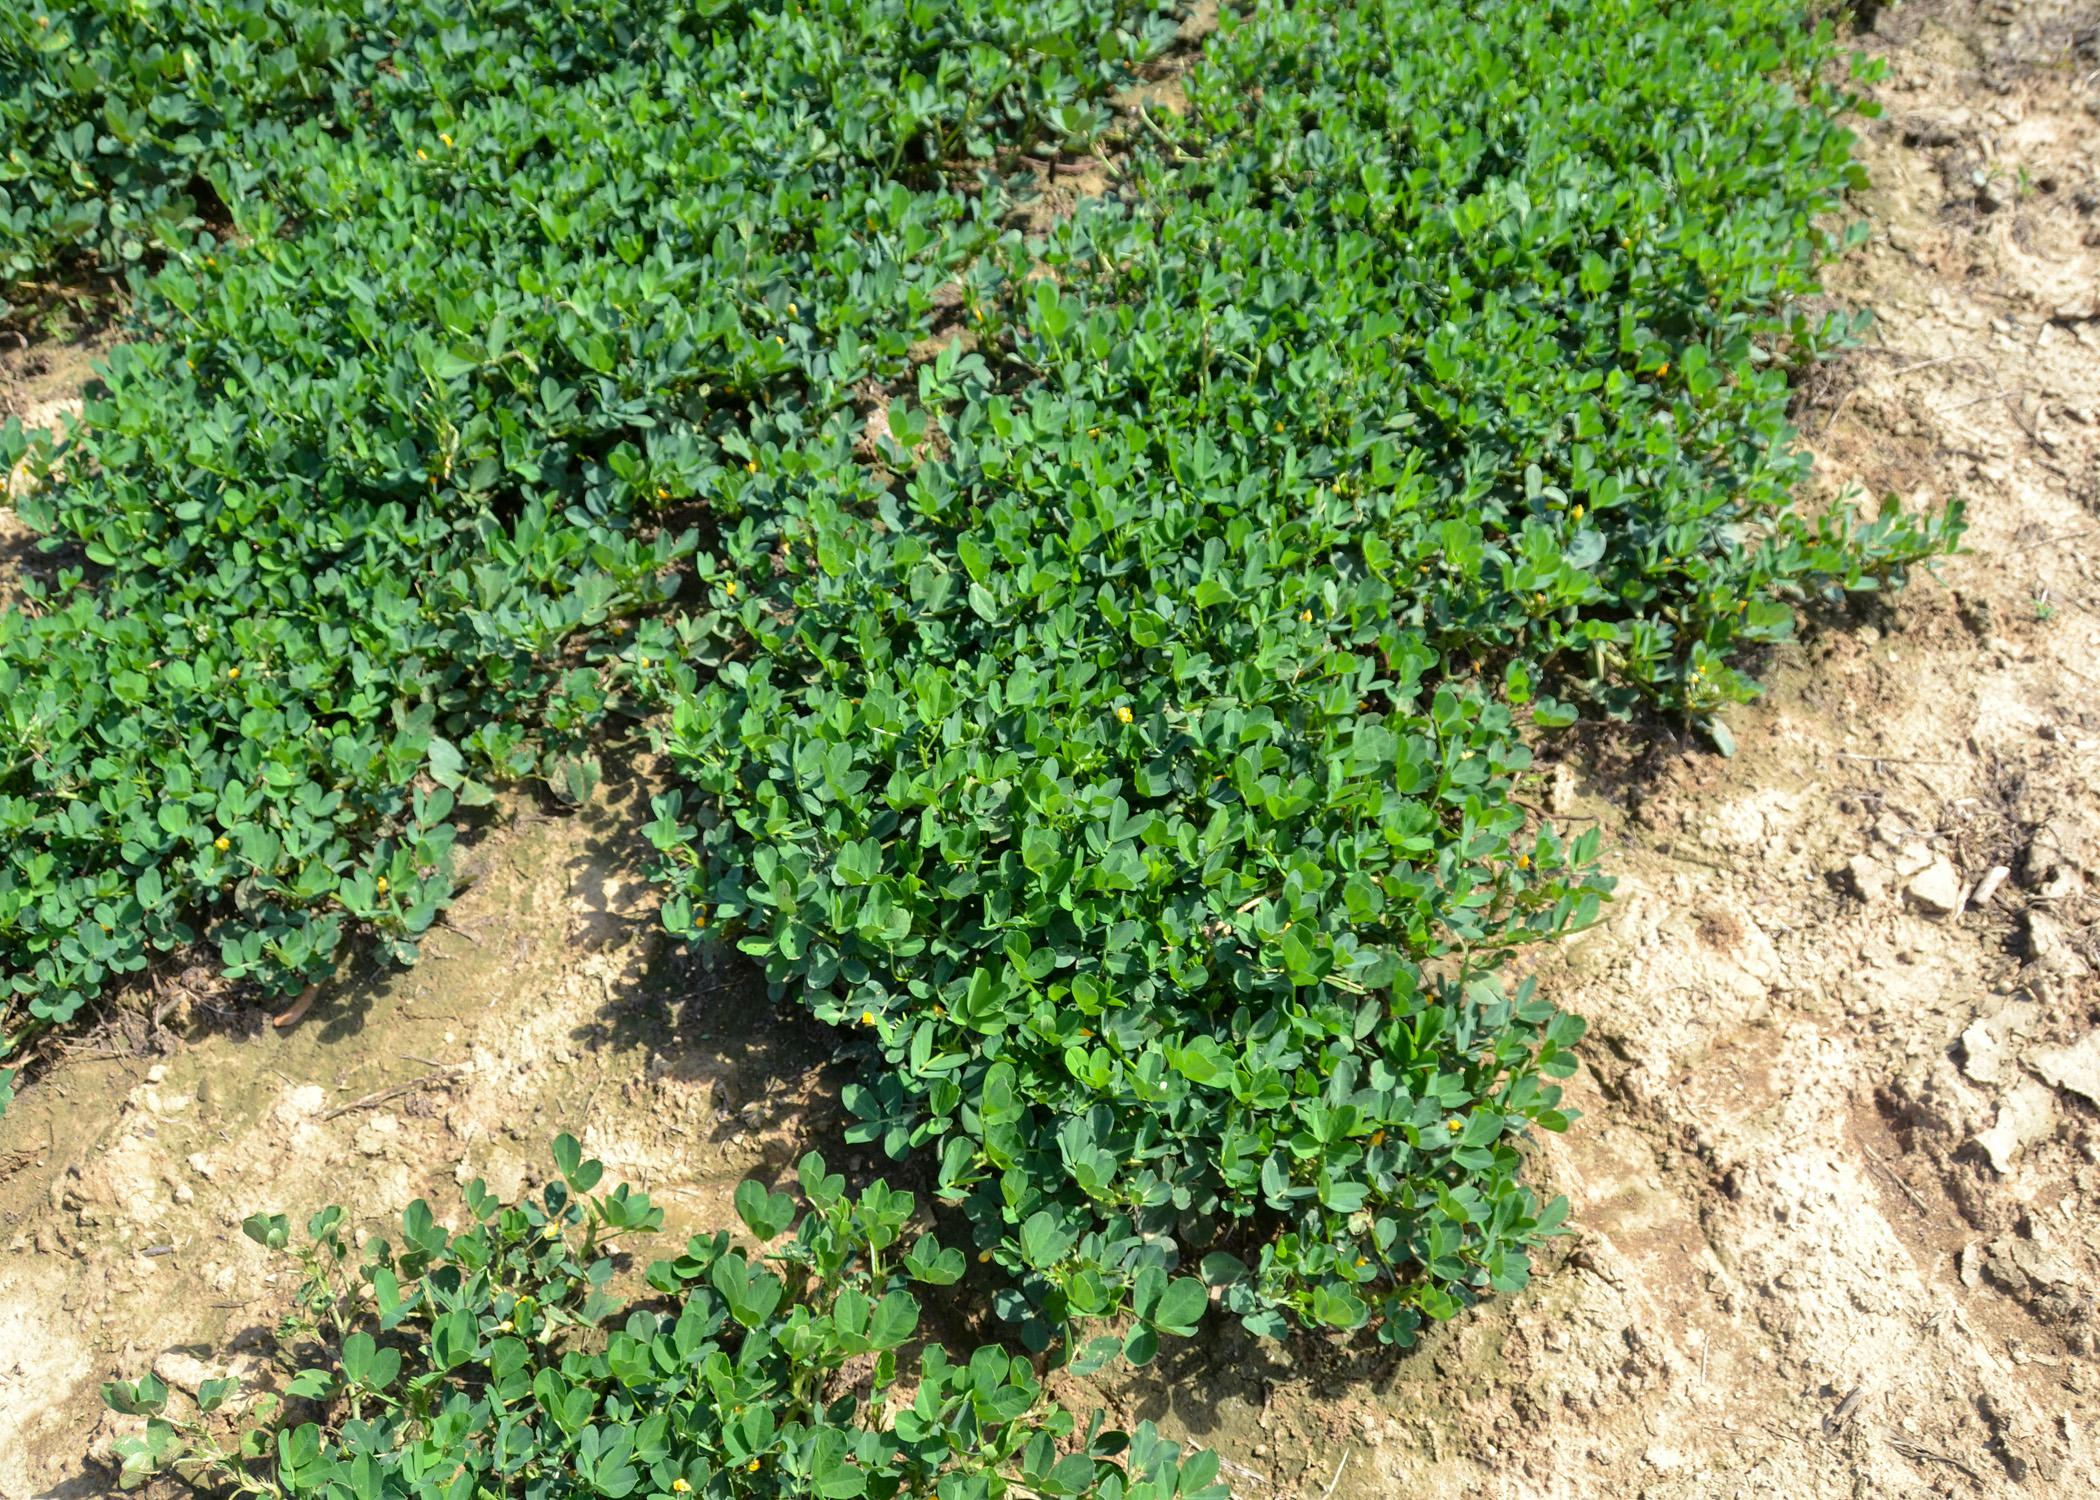 Peanut vines grow in a field.